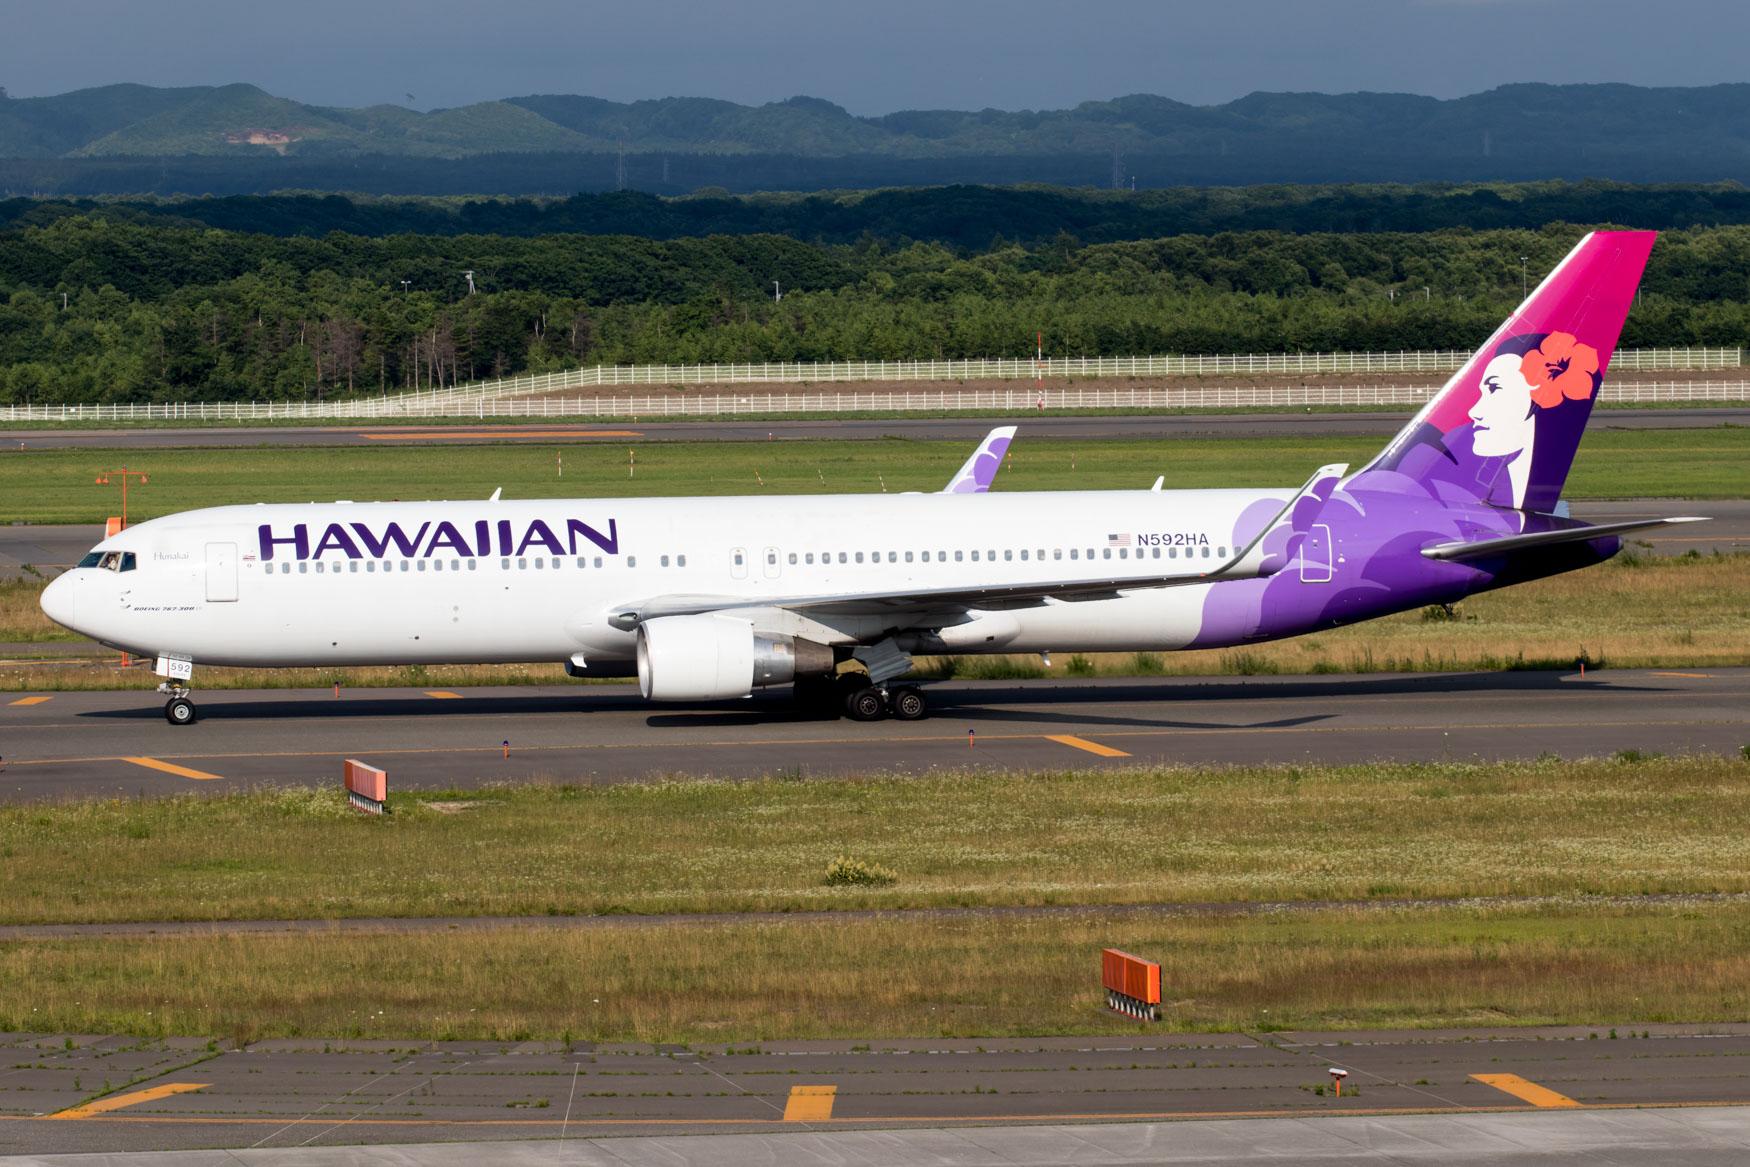 Hawaiian Airlines 767